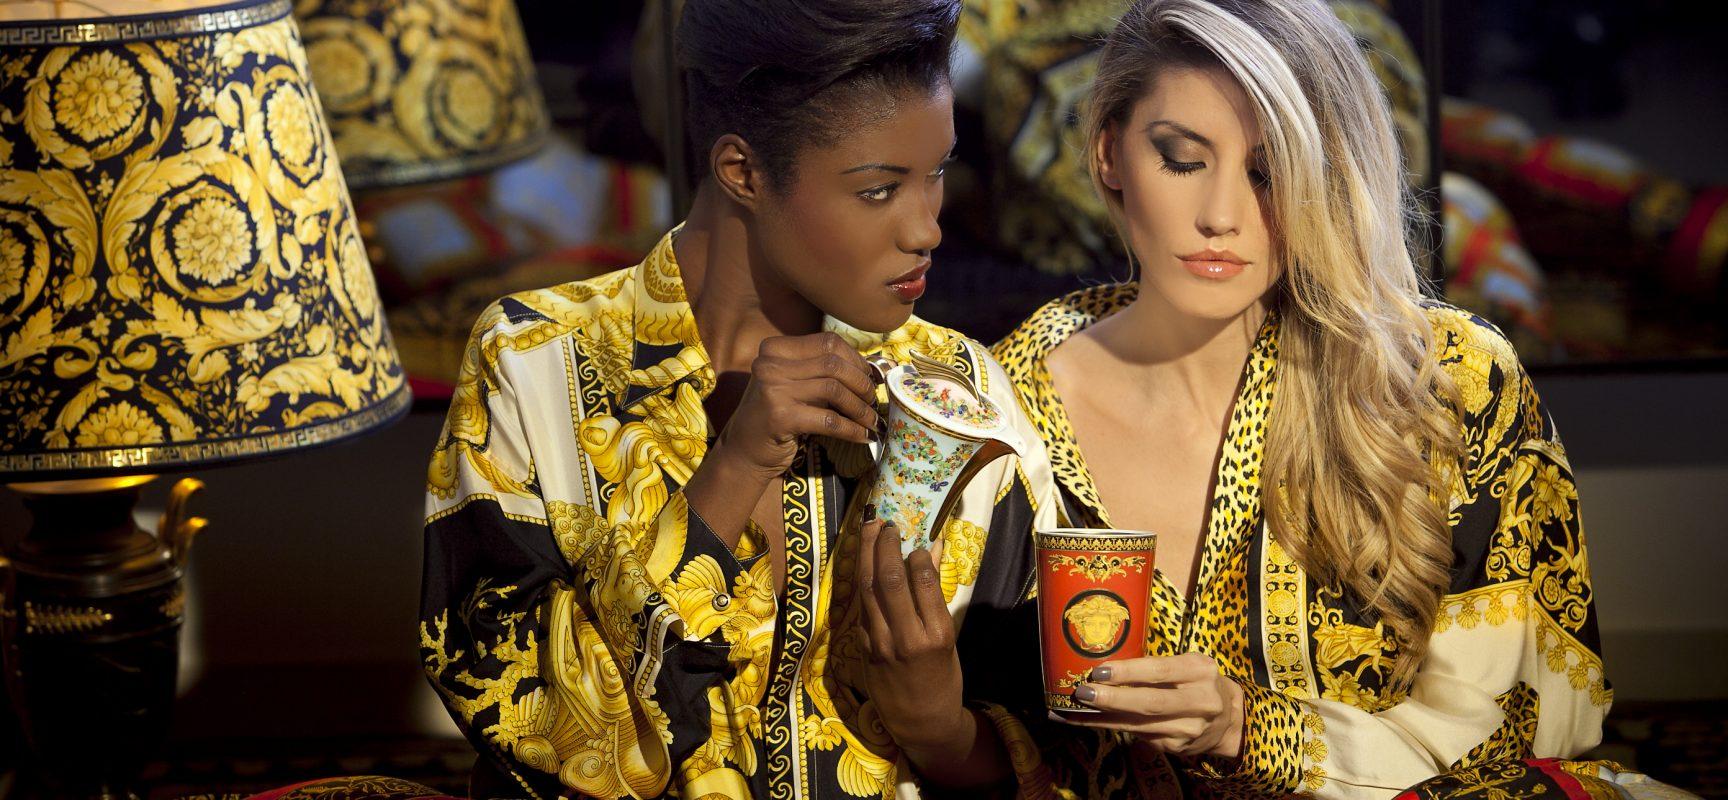 Gianni Versace Napoli lo ricorda con una mostra